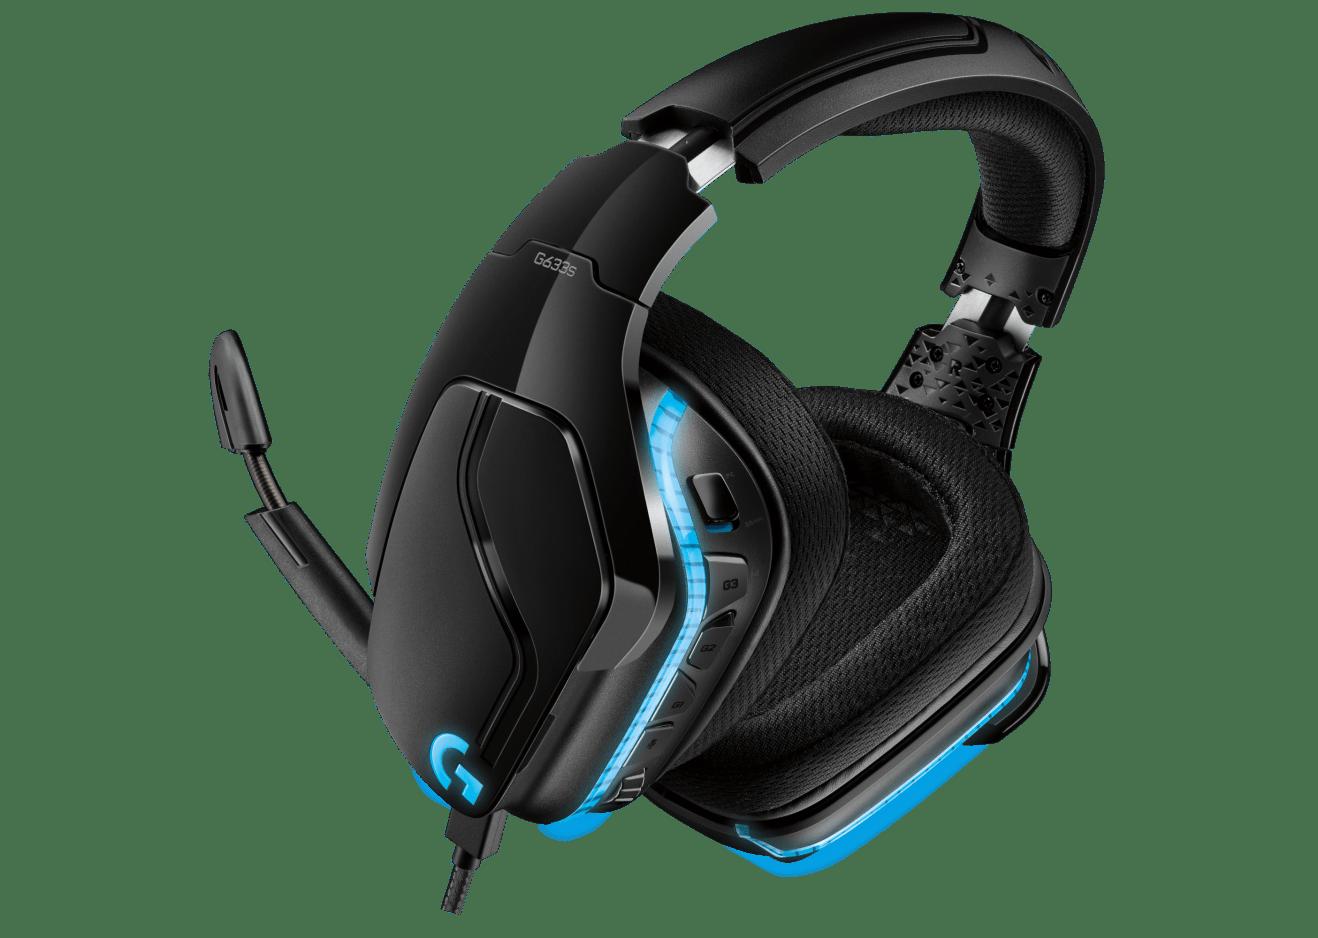 ชุดหูฟังเกมมิ่ง Logitech G633s 7.1 LIGHTSYNC